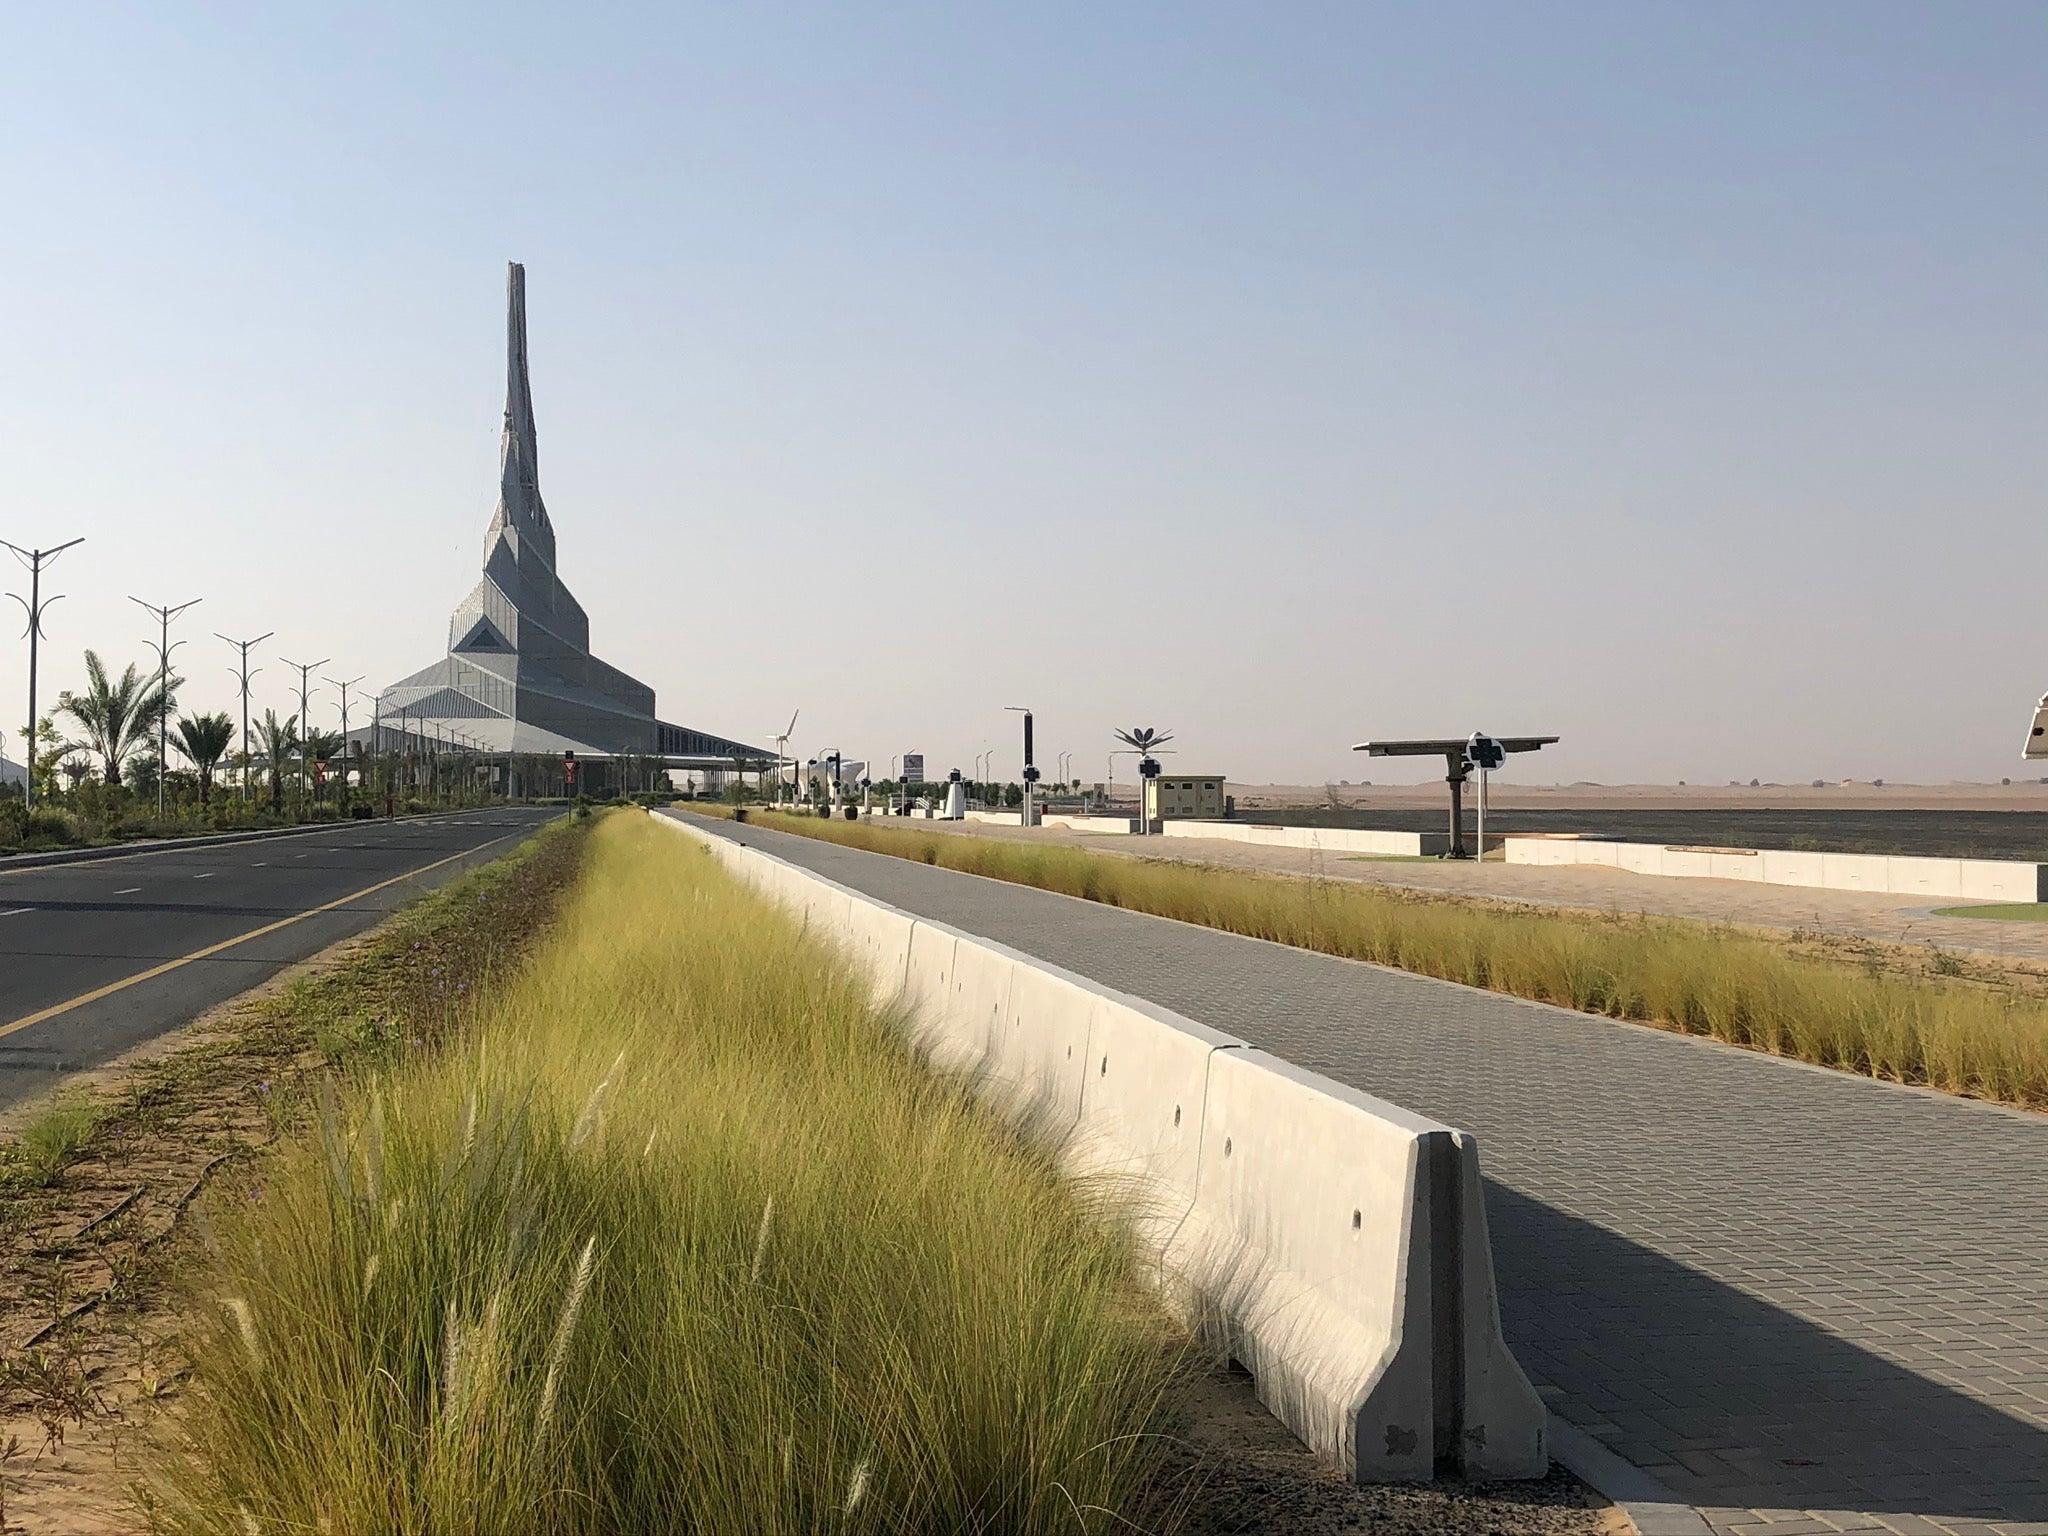 The nearly-completed Innovation Centre at Dubai's Mohammed bin Rashid Al Maktoum Solar Park. The Center will offer educational programming on green energy.